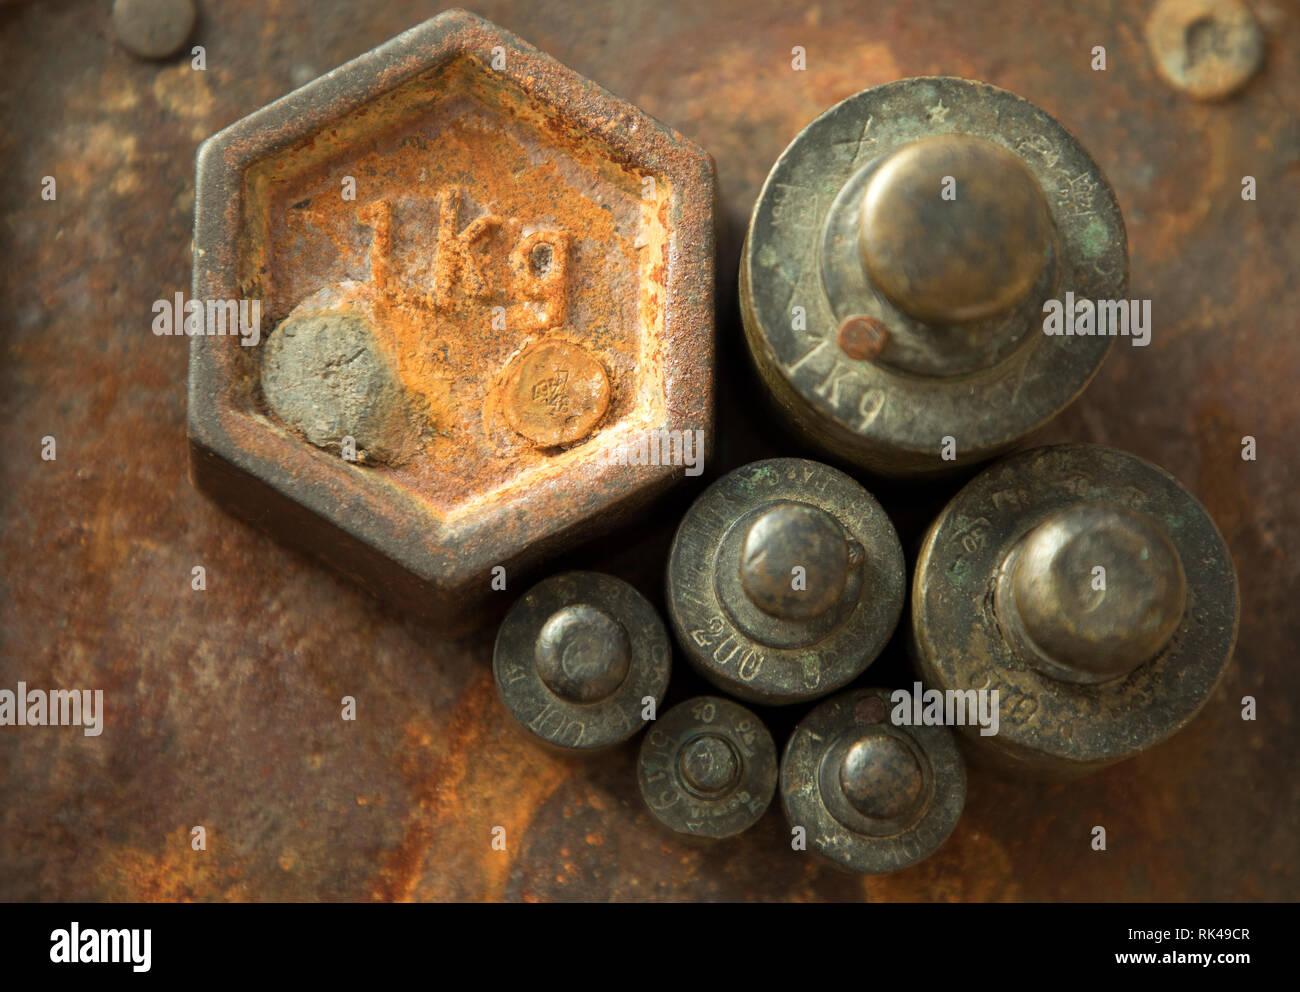 Pesas para escalas de retro. Vintage peso para una balanza, Contrapesos. Foto de stock